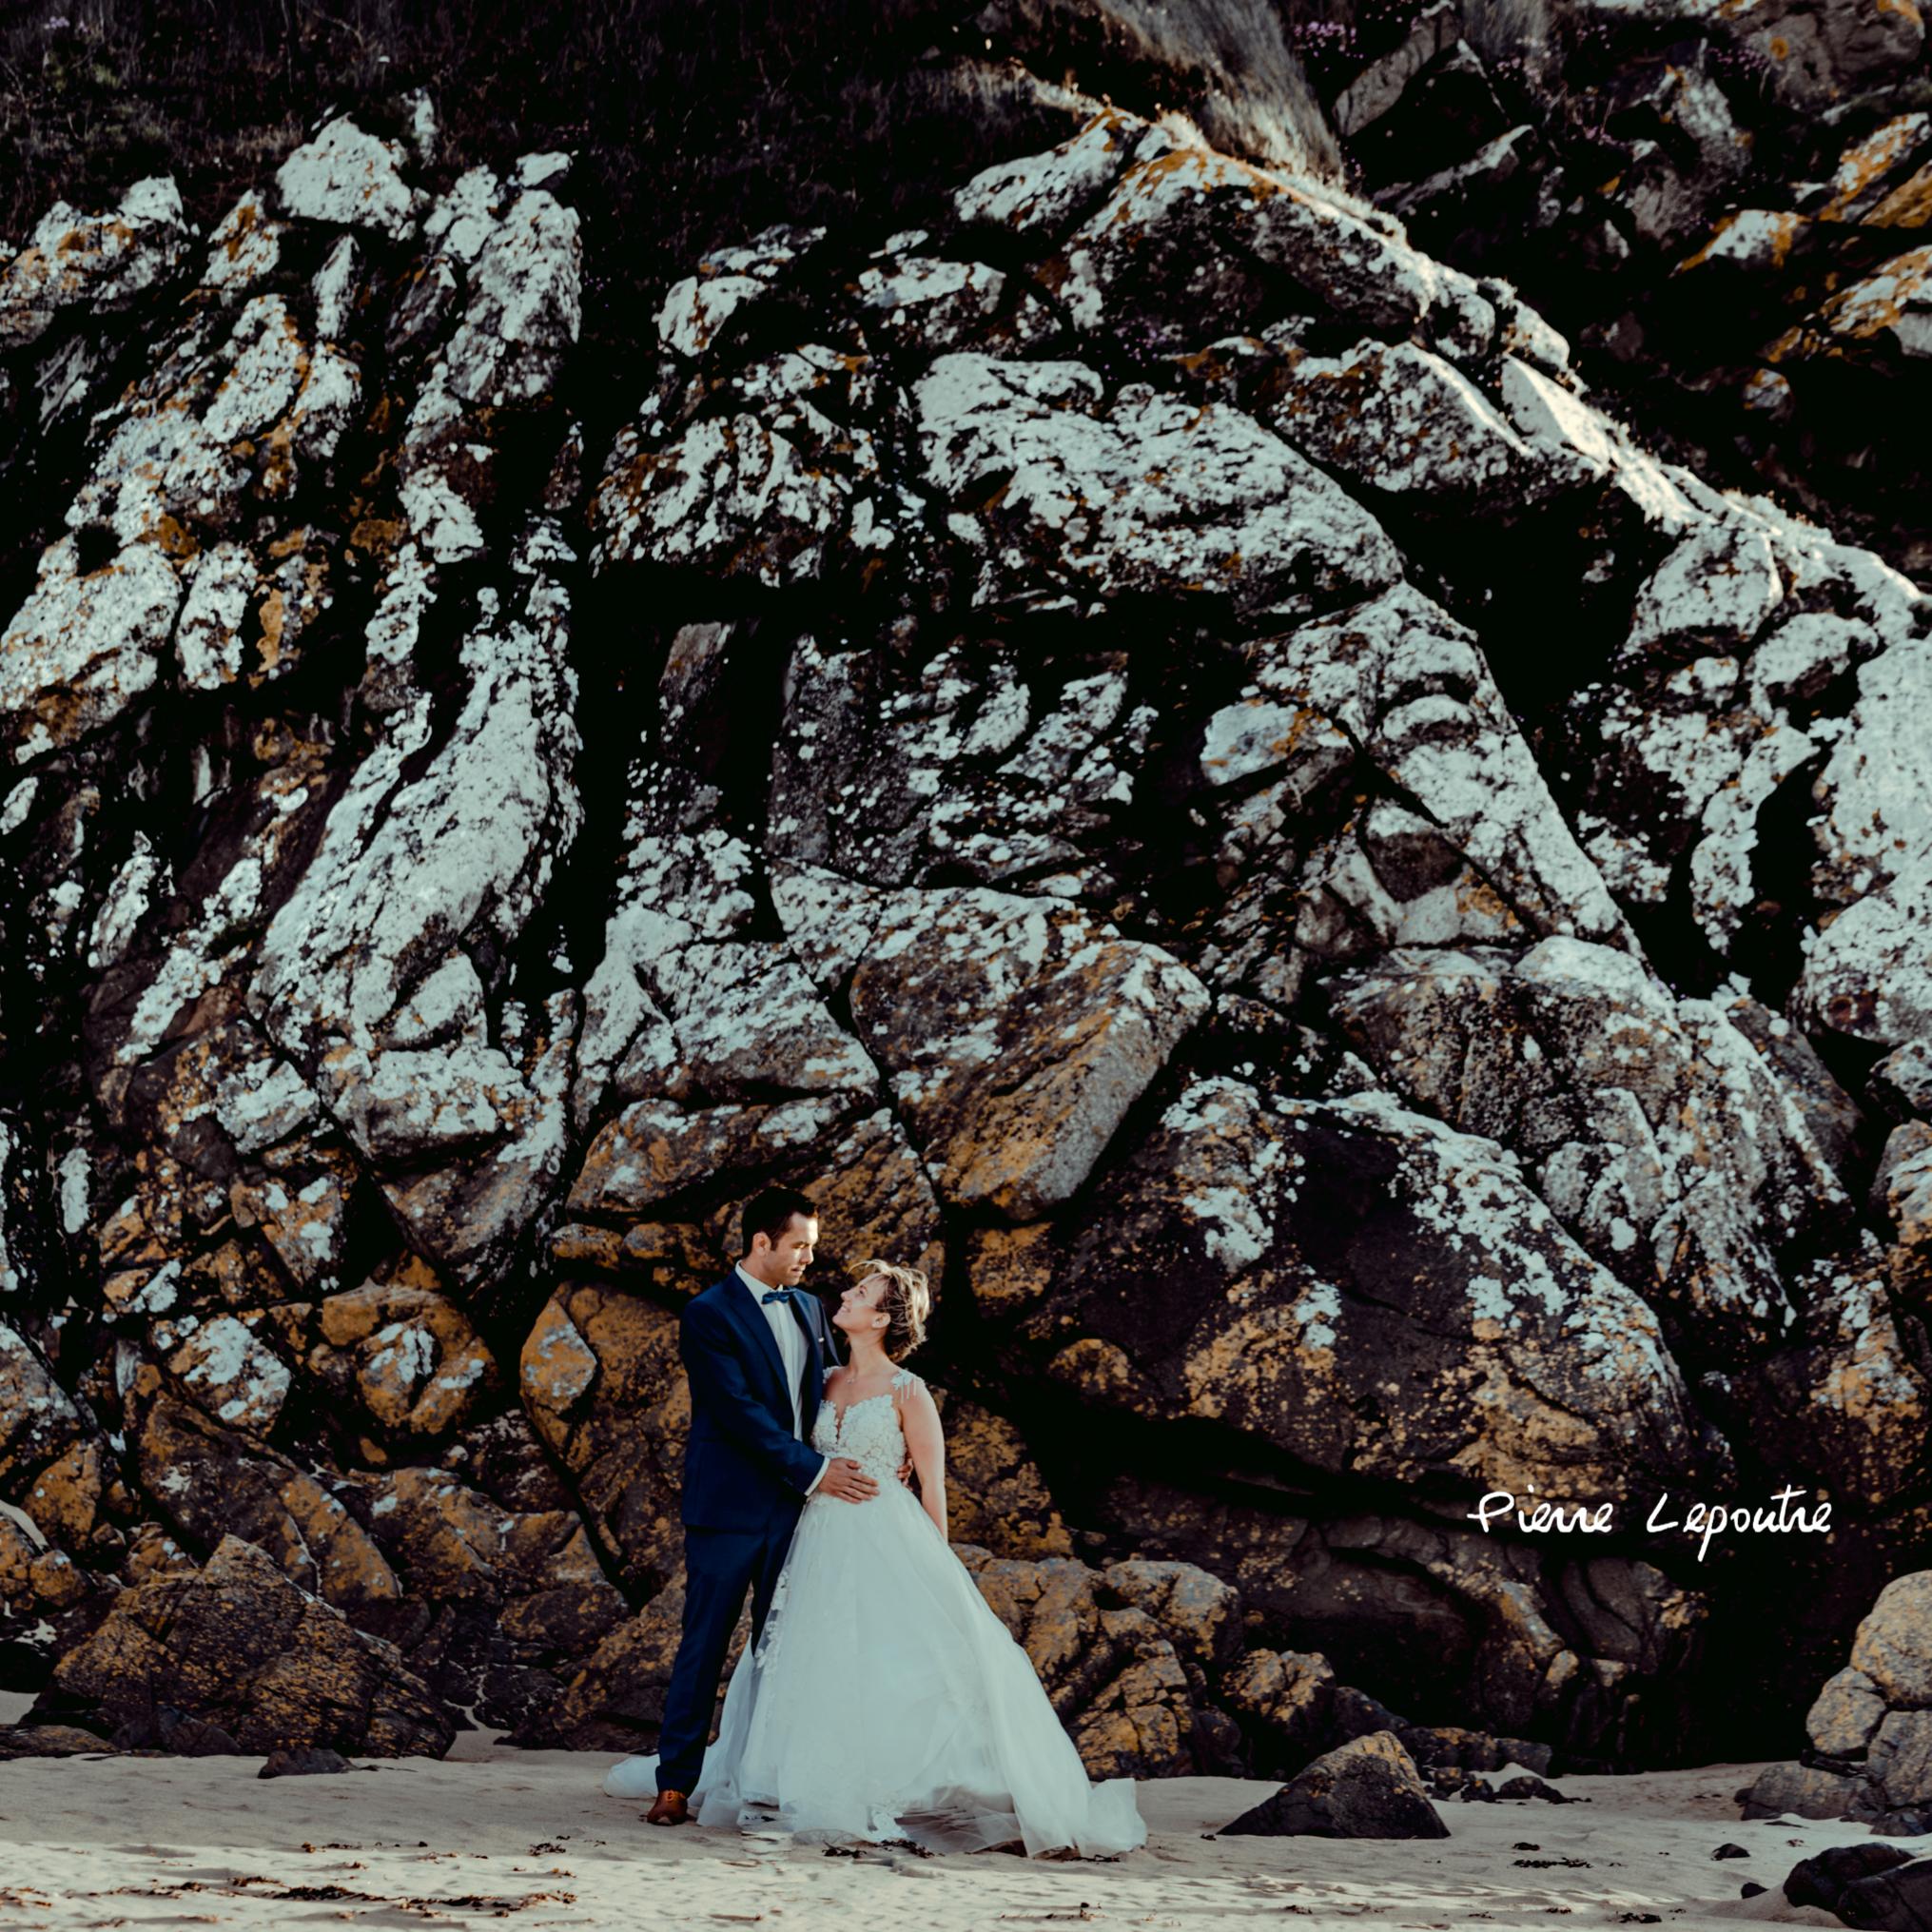 photographe Rennes mariage famille naissance SÉANCE PHOTO COUPLE SAINT-BRIAC-SUR-MER SAINT-MALO